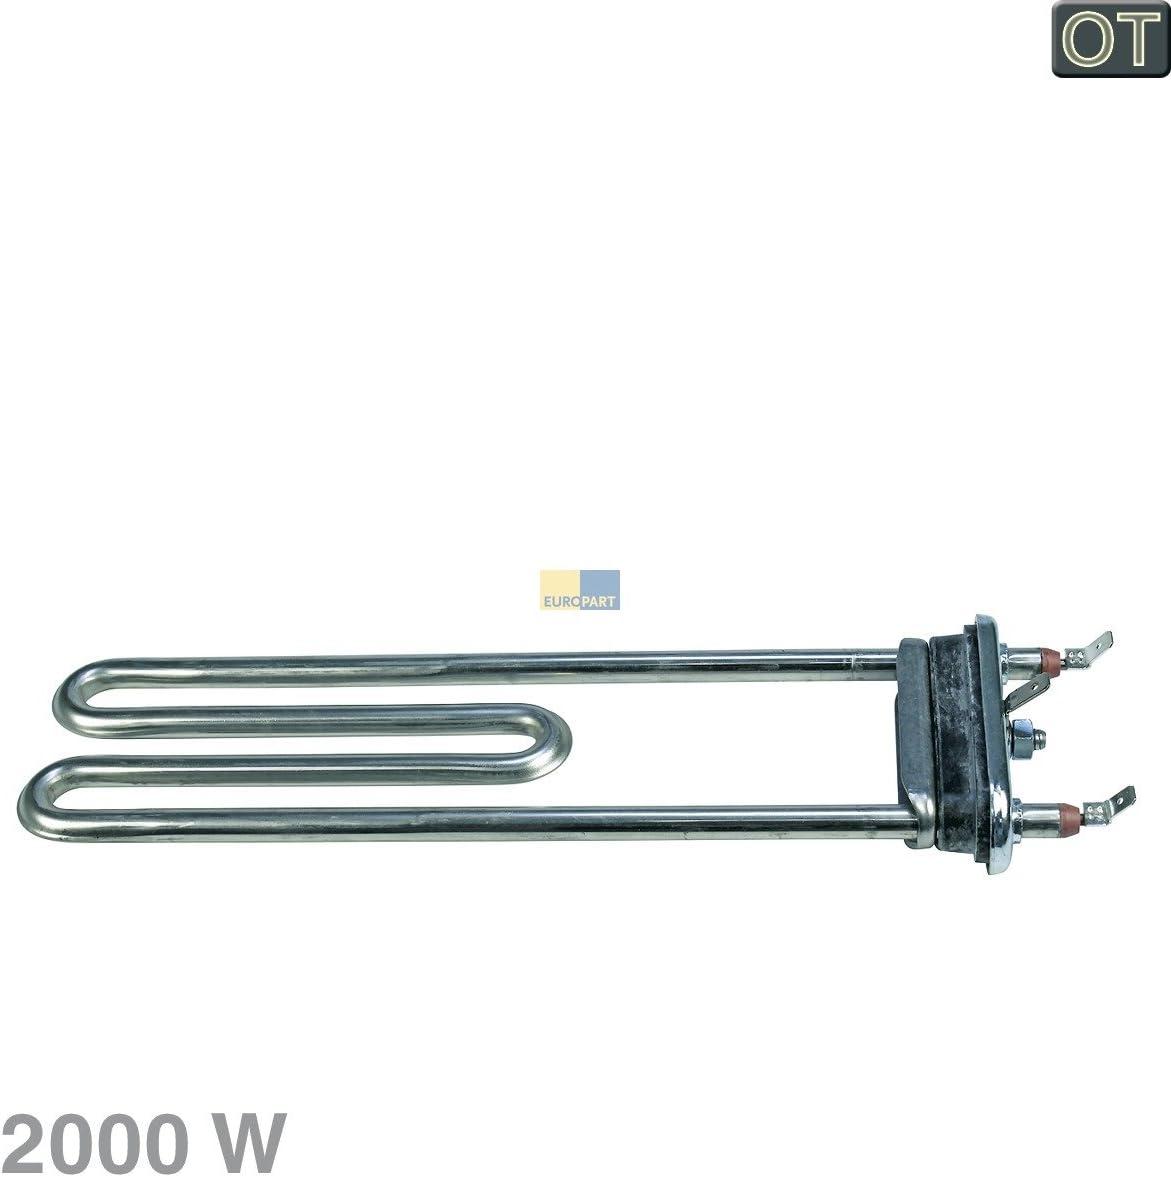 ORIGINAL Calefacción Resistencia Calentador 2000W Lavadora Bosch ...